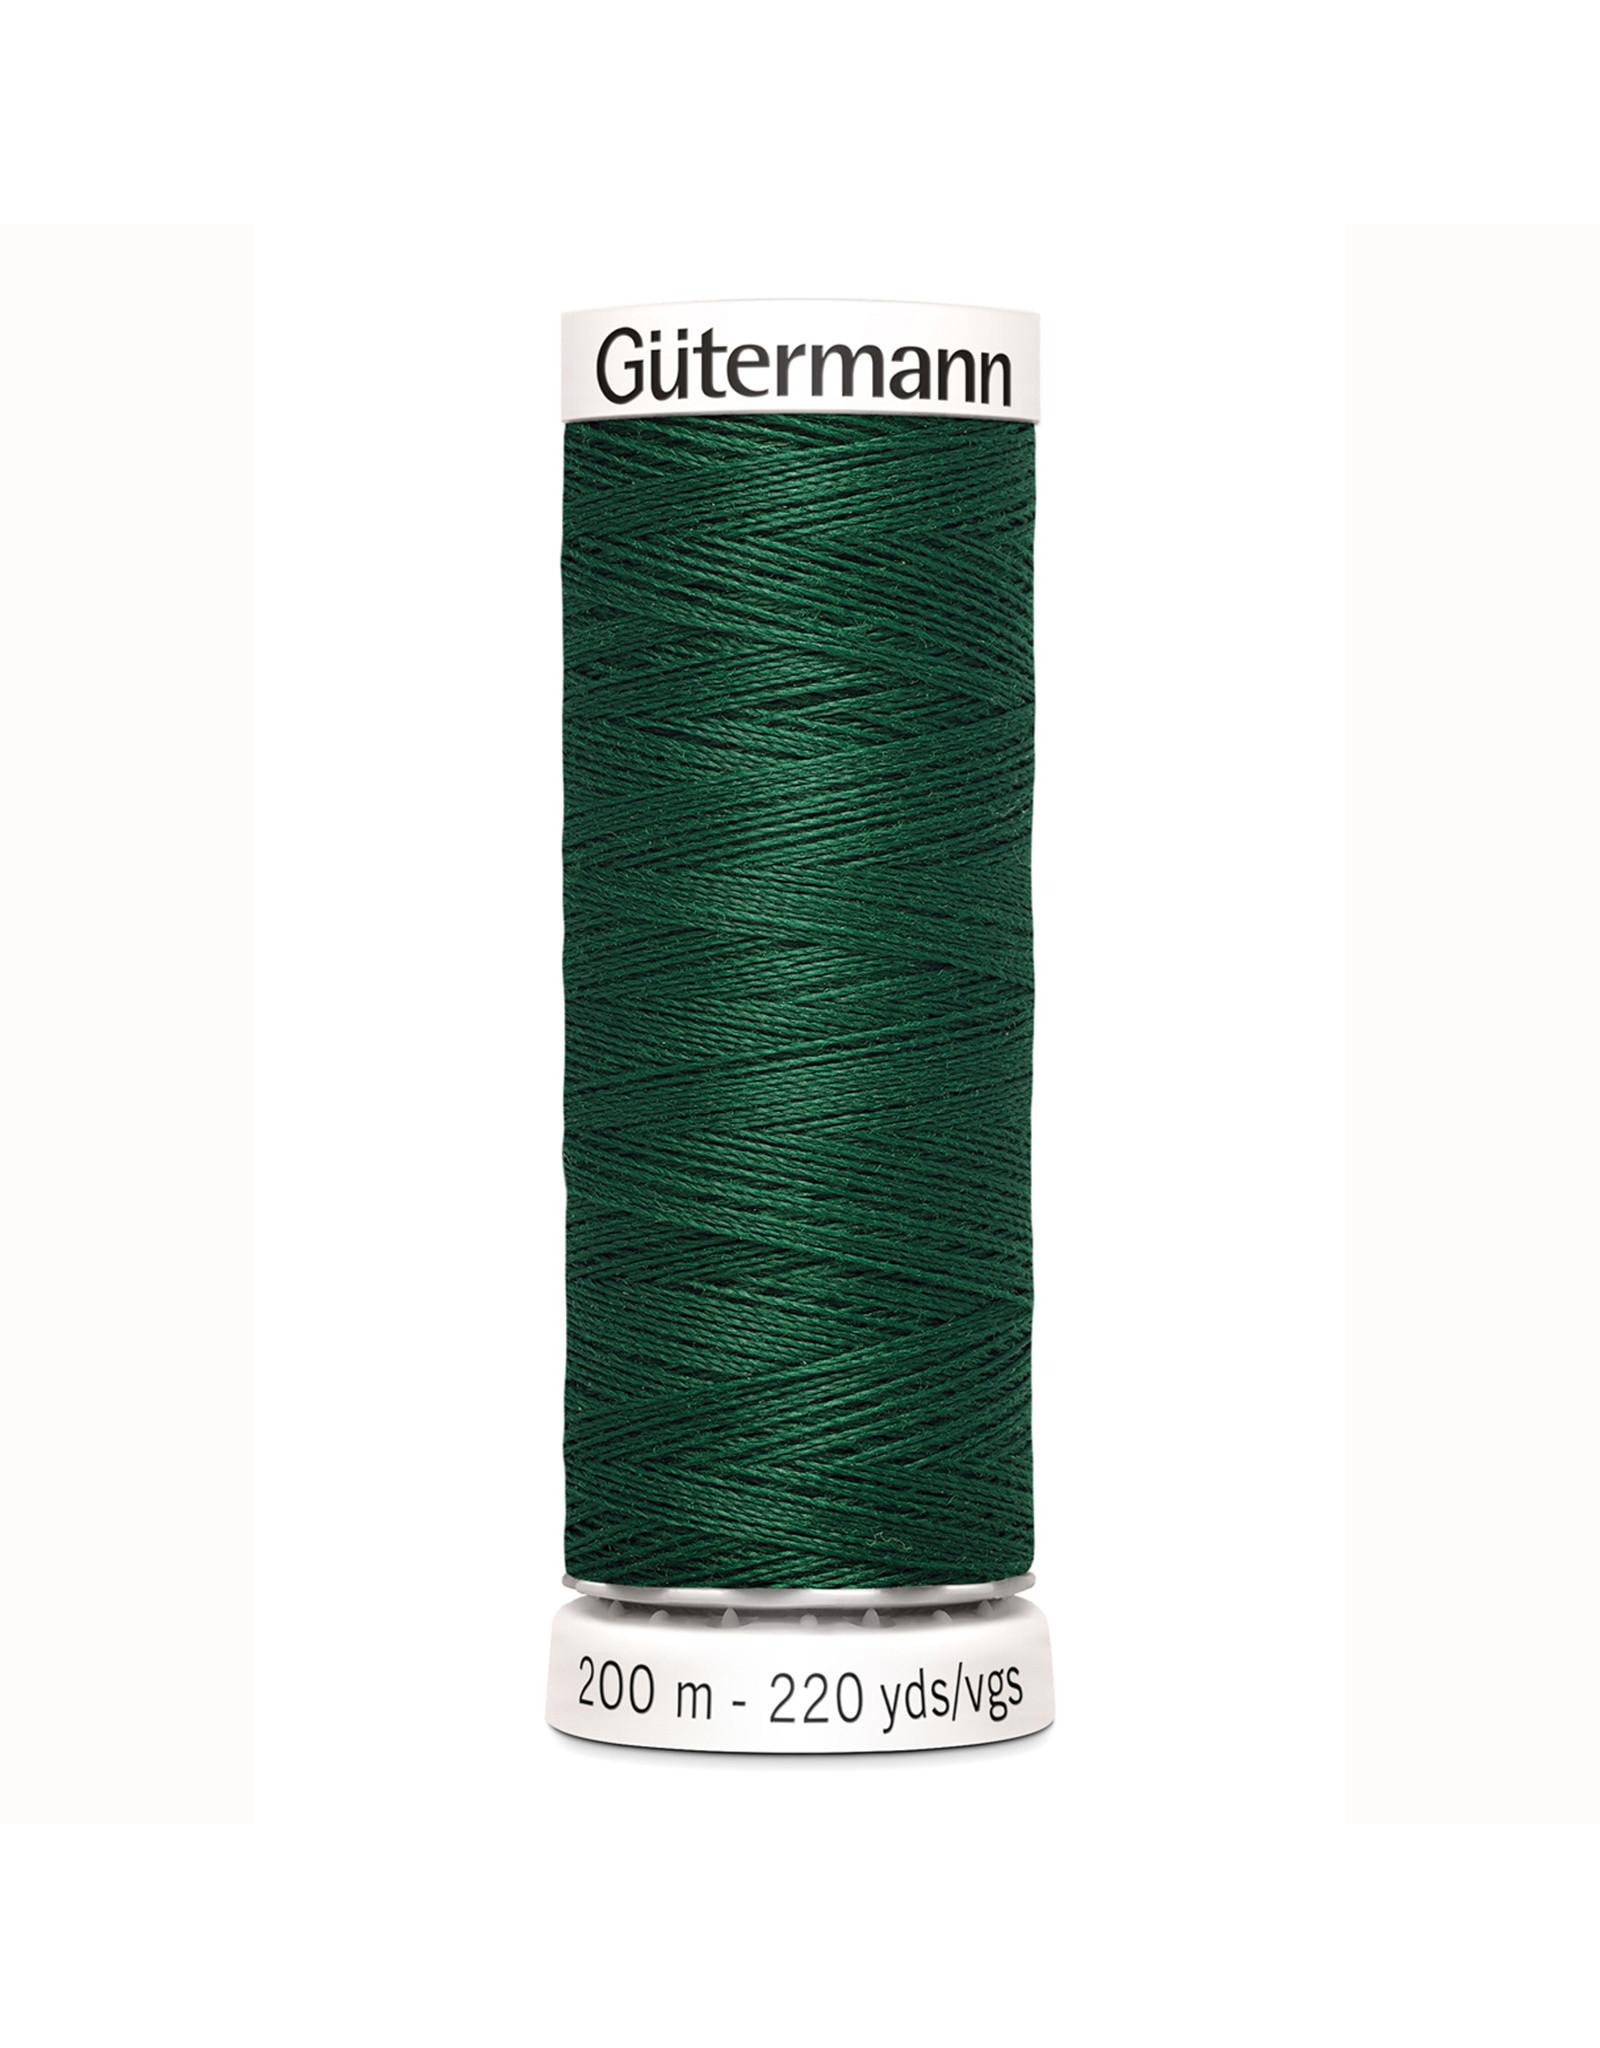 Gütermann Gütermann Sewing Thread 200 m - nr 340